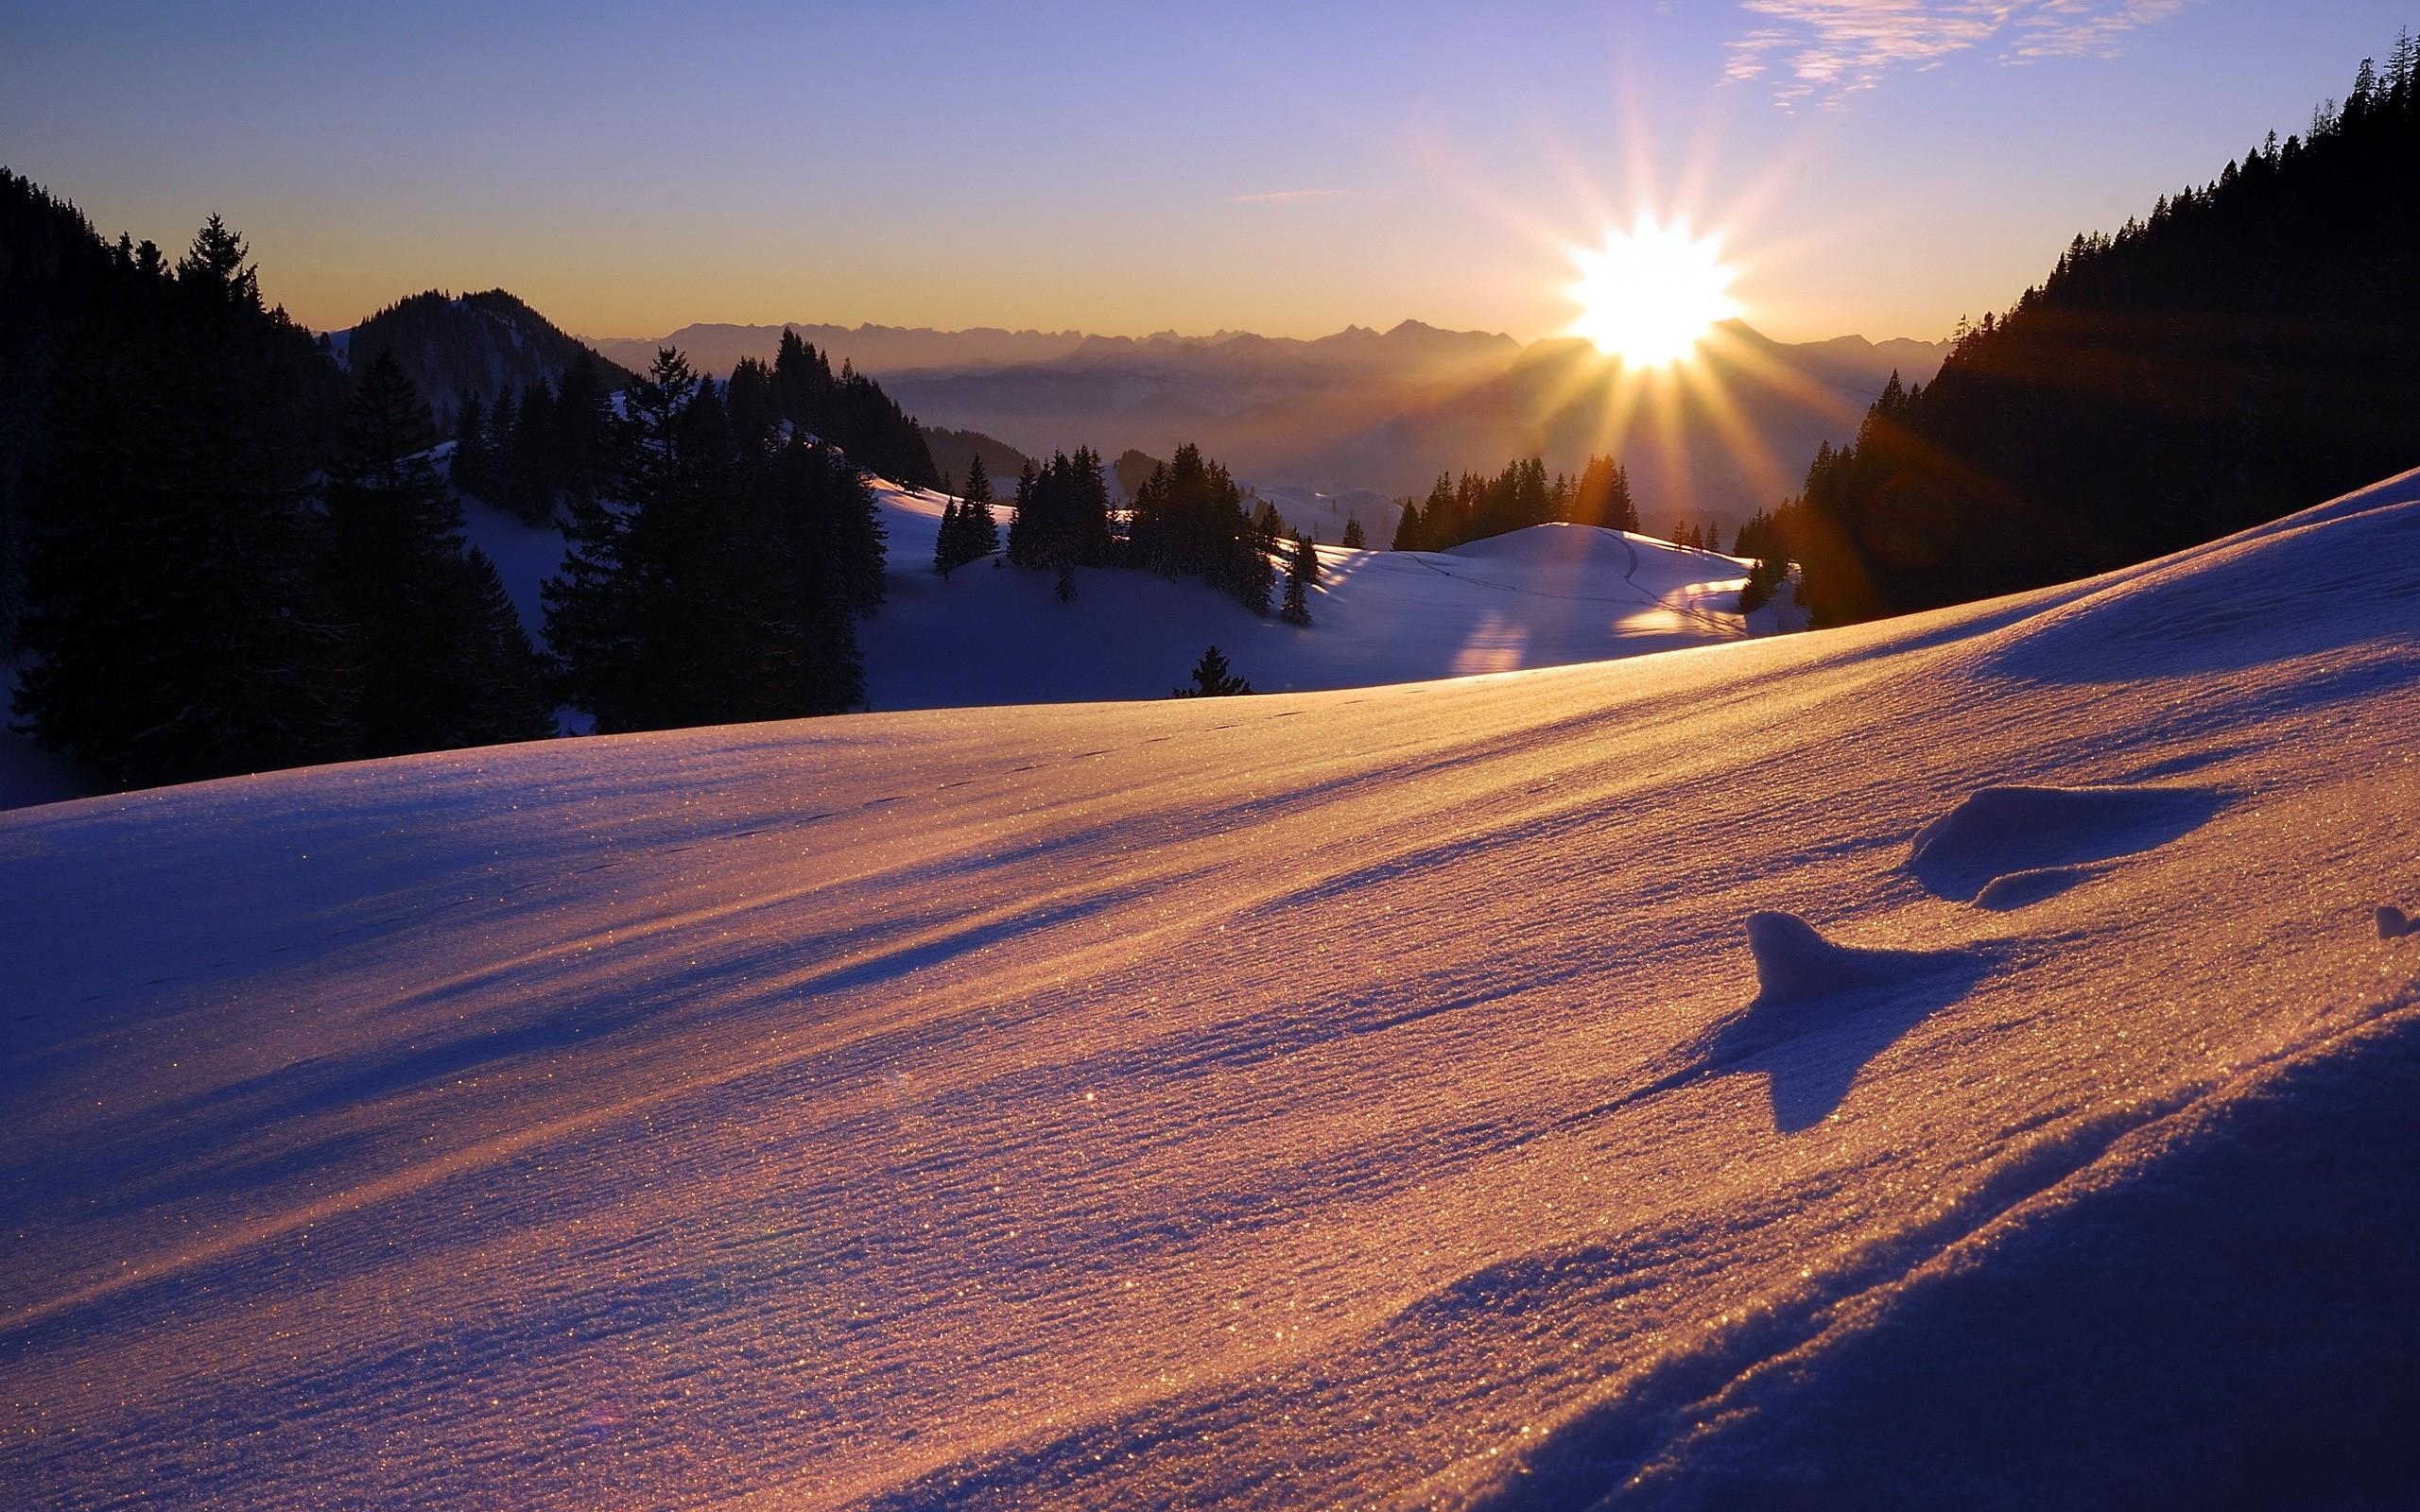 можно встретить фото солнце в снежных горах первой